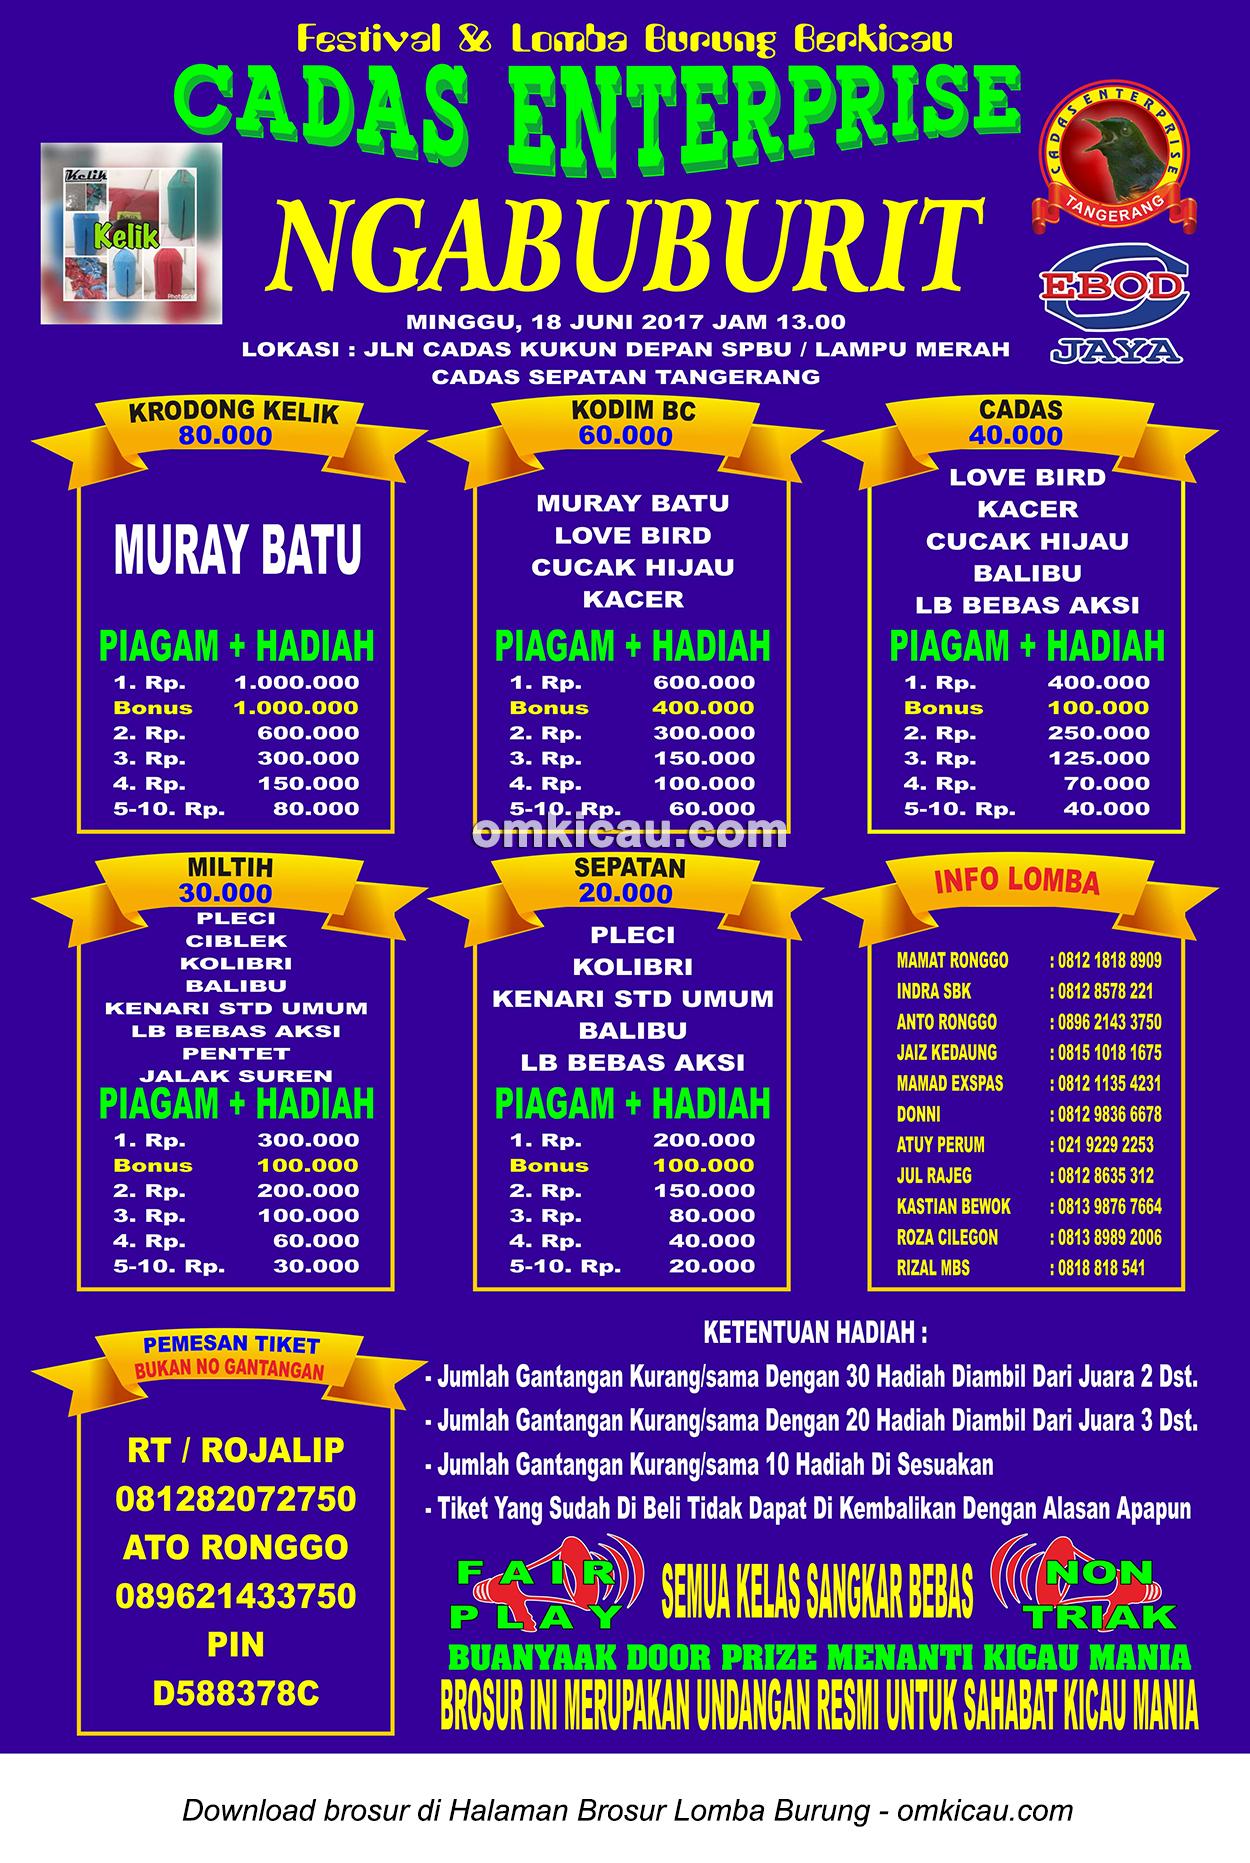 Brosur Latpres Ngabuburit Cadas Enterprise, Tangerang, 18 Juni 2017